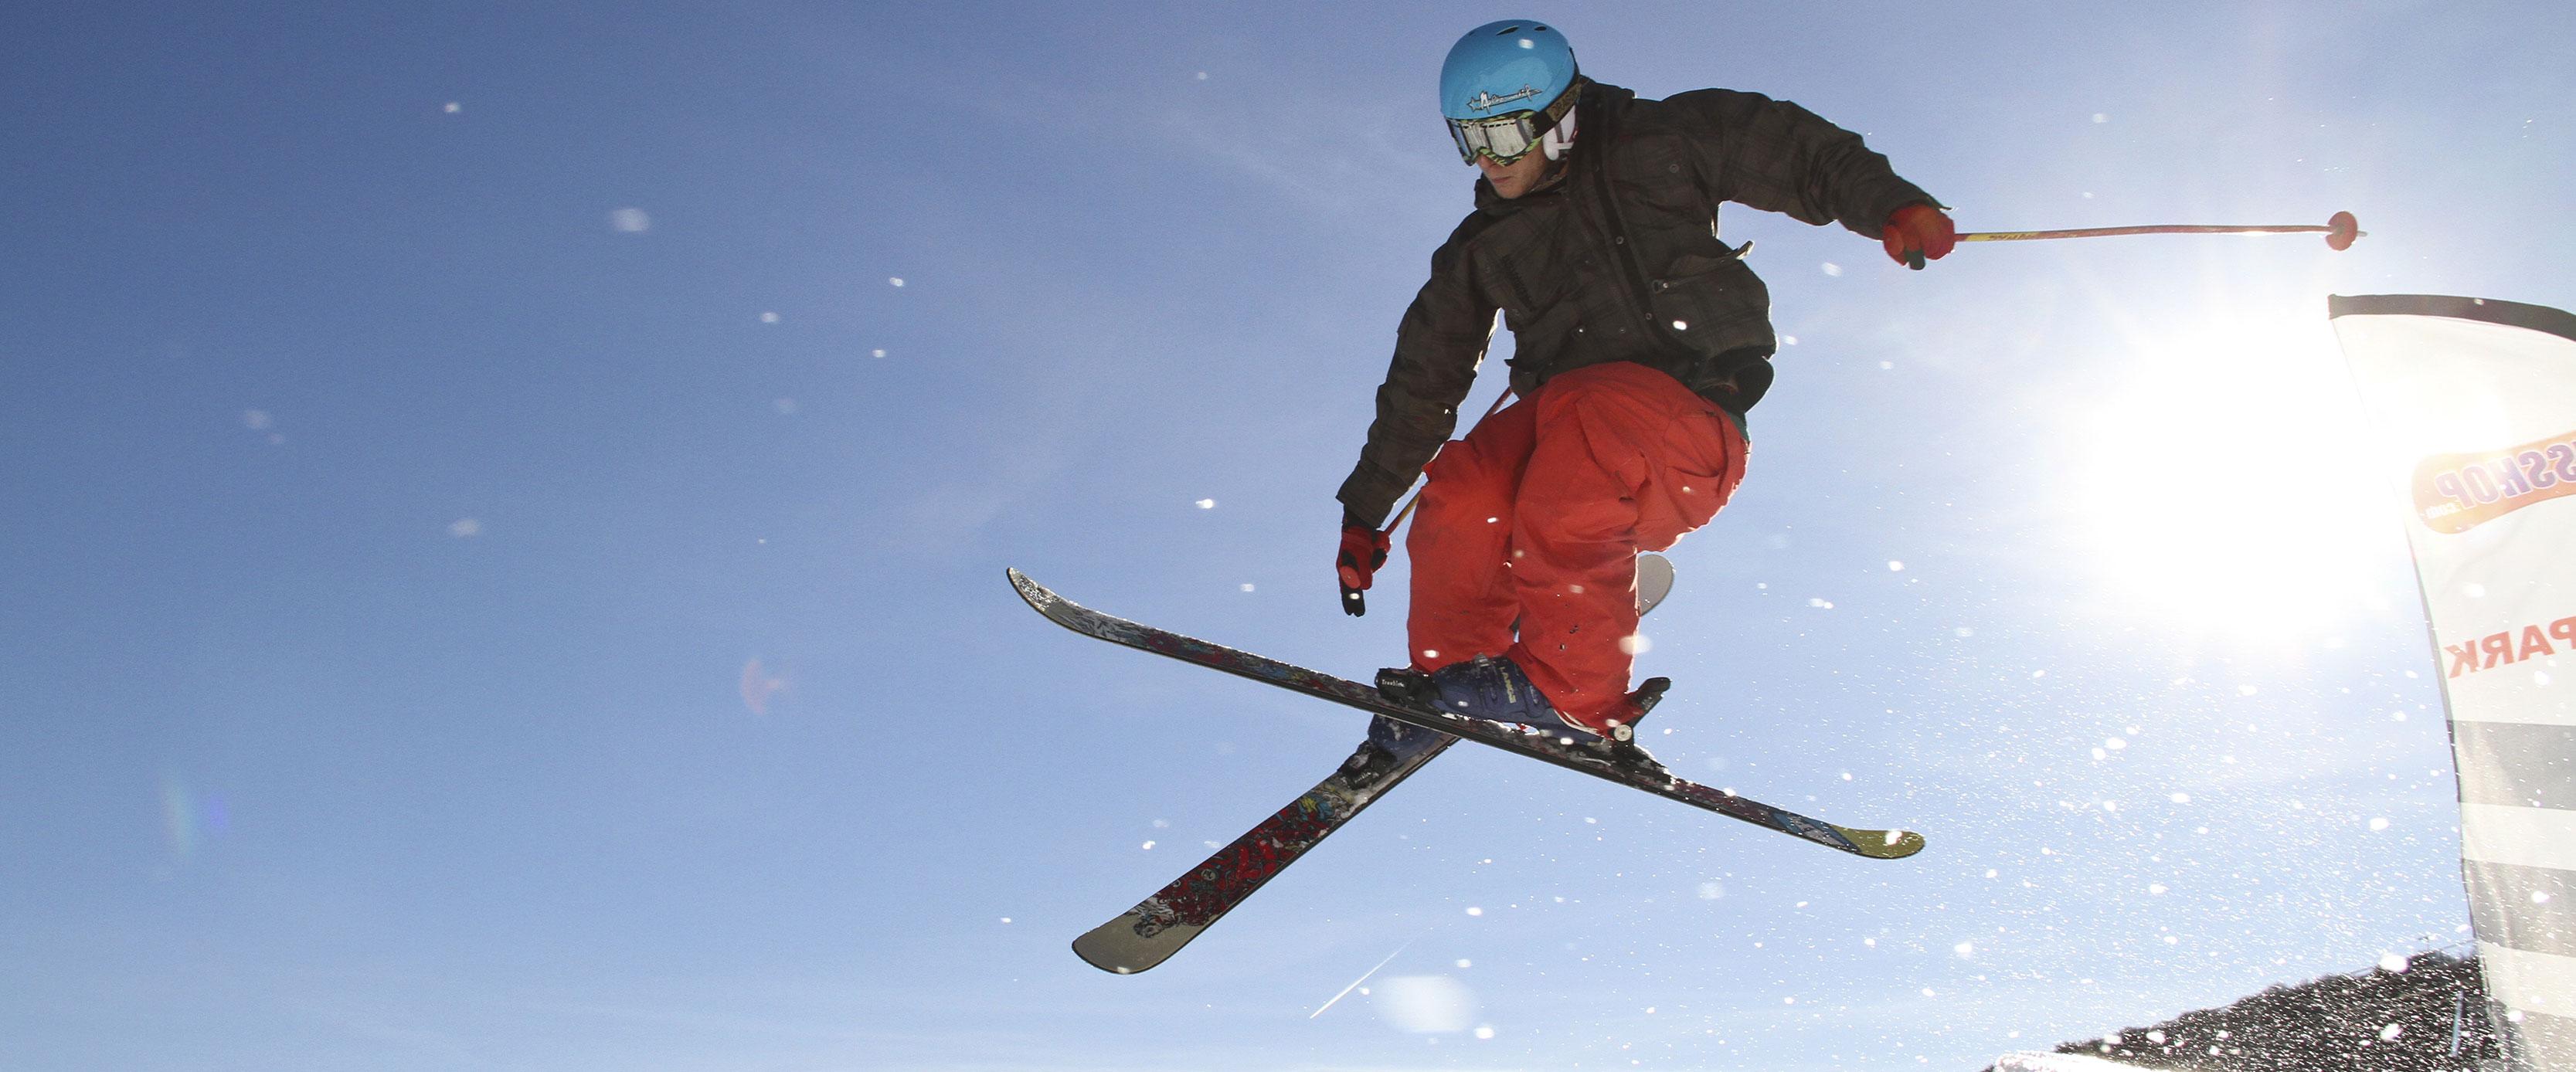 ski-SB.jpg